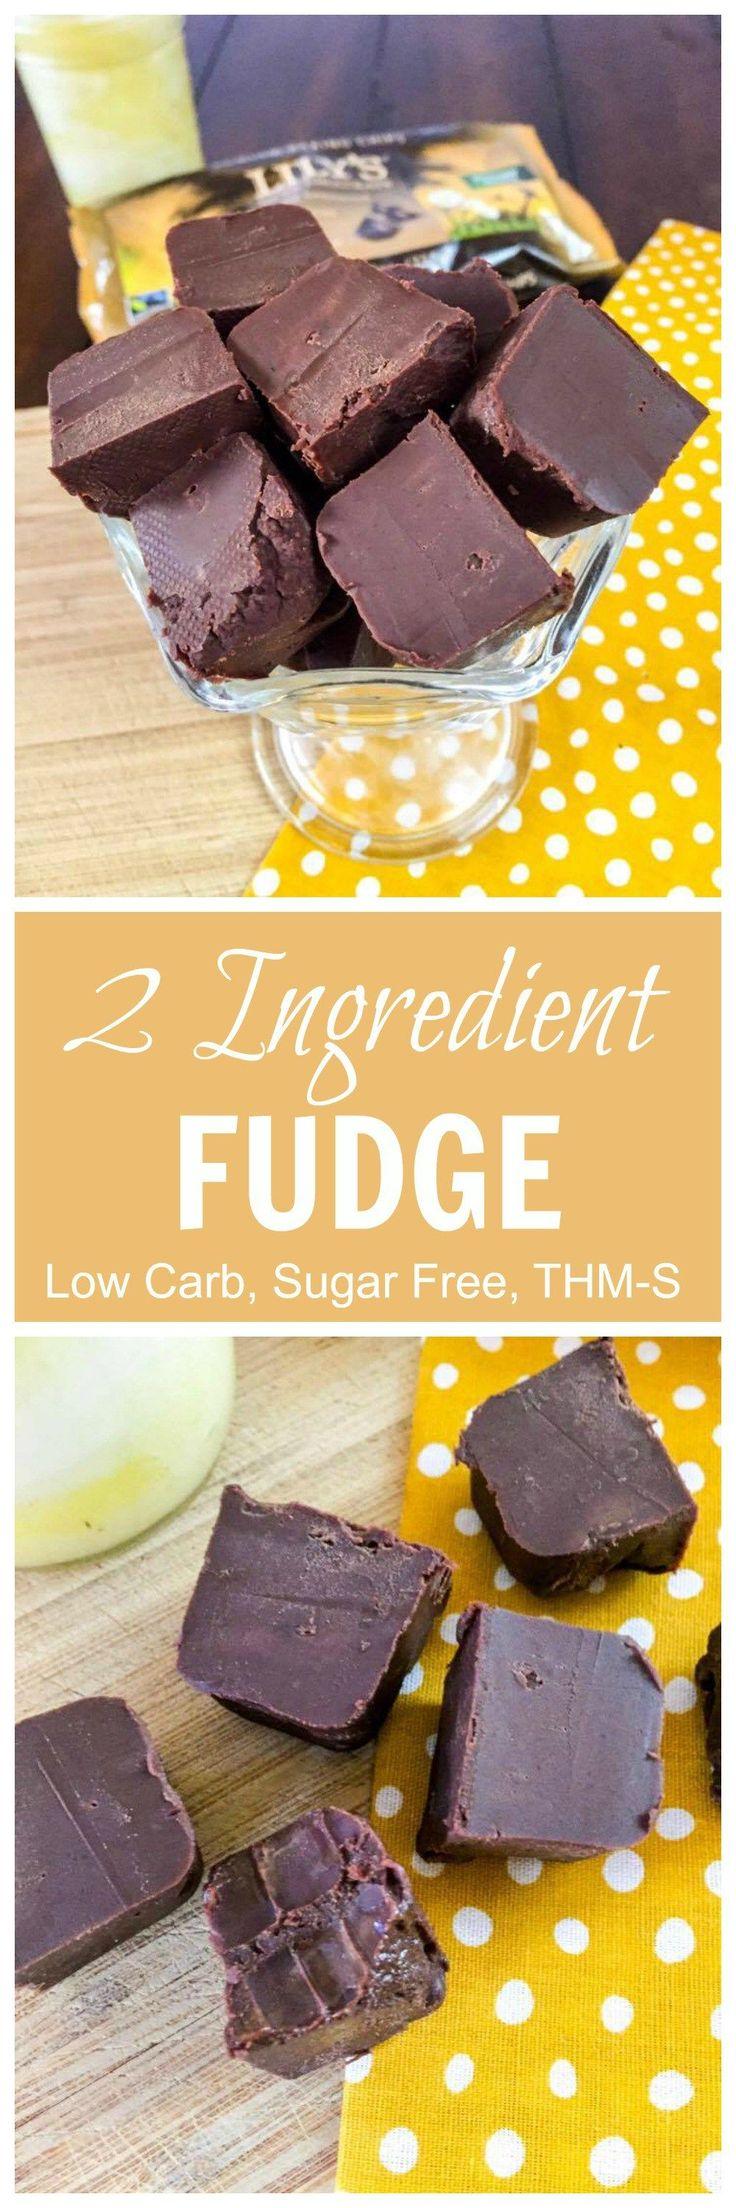 2 Ingredient Fudge (Low Carb, Sugar Free, THM-S)                                                                                                                                                                                 More